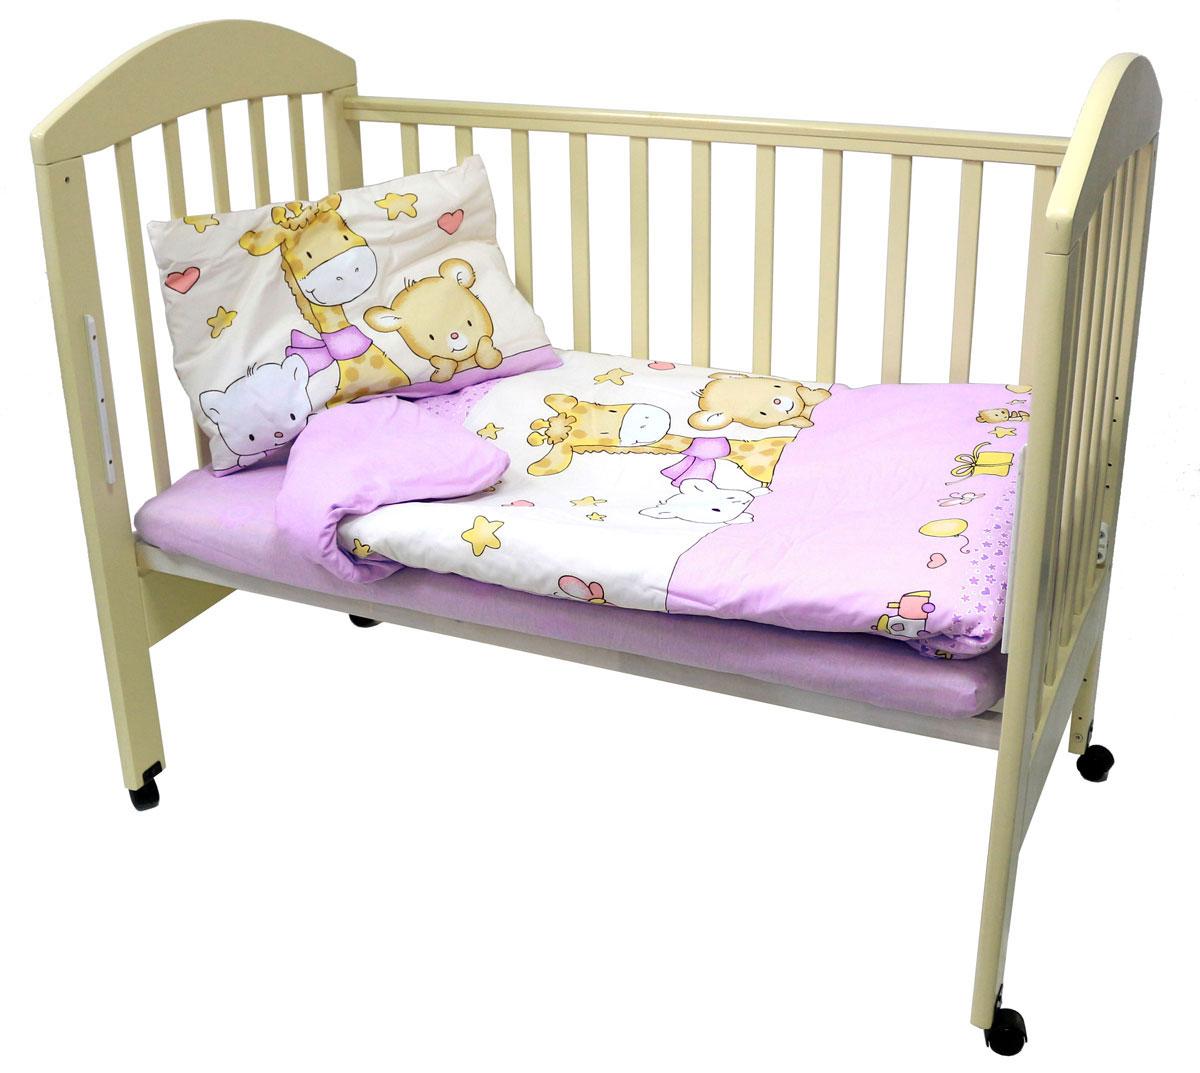 Топотушки Комплект белья для новорожденных Детский мир цвет розовый 3 предмета4630008874127Комплект белья для новорожденных Топотушки Детский мир выполнен в нежно-розовых тонах с забавным рисунком. Комплект белья Детский мир создаст комфорт и уют в кроватке малыша и обеспечит крепкий и здоровый сон, а современный дизайн и цветовые сочетания помогут ребенку адаптироваться в новом для него мире. Комплект белья для новорожденных Топотушки Детский мир хорошо впишется в интерьер как детской комнаты, так и спальни родителей. Цветовые и дизайнерские решения - плоды совместных трудов европейских дизайнеров и российских технологов - делают внешний вид комплекта роскошным и незабываемым. Качество материала обеспечивает легкость стирки и долговечность. Комплект включает в себя наволочку 60 см х 40 см, пододеяльник 104 см х 146 см, простыню на резинке 60 см х 120 см.